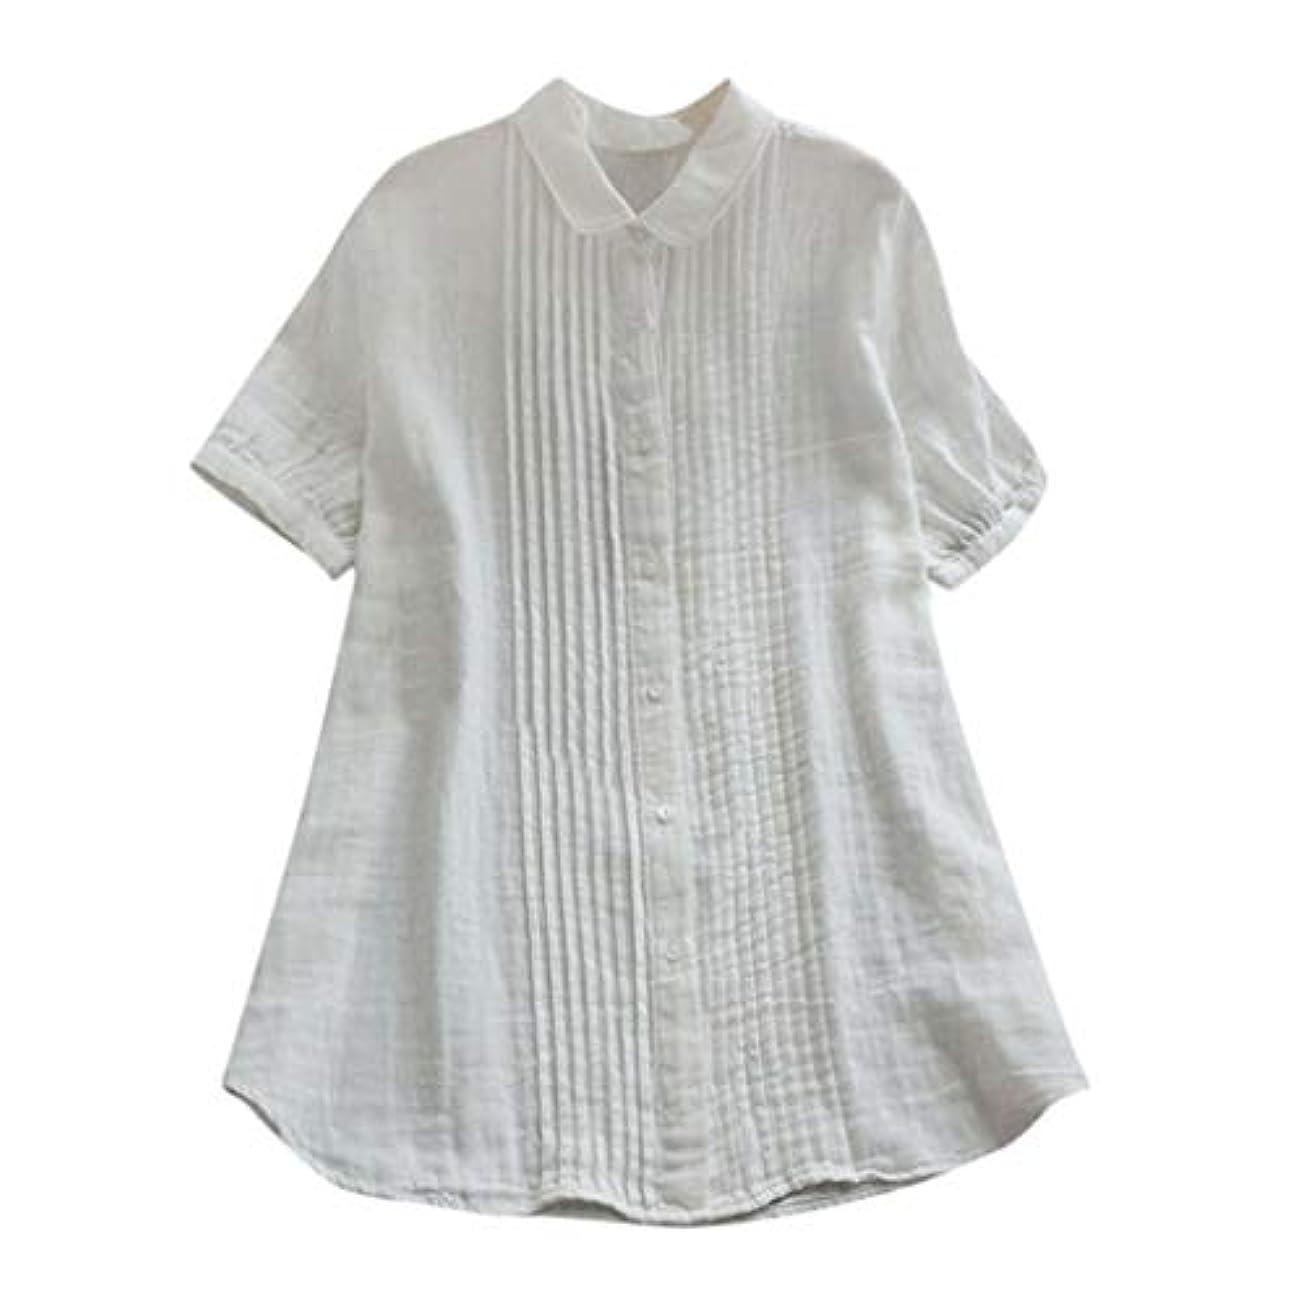 不適切な判決視線女性の半袖Tシャツ - ピーターパンカラー夏緩い無地カジュアルダウントップスブラウス (白, XL)